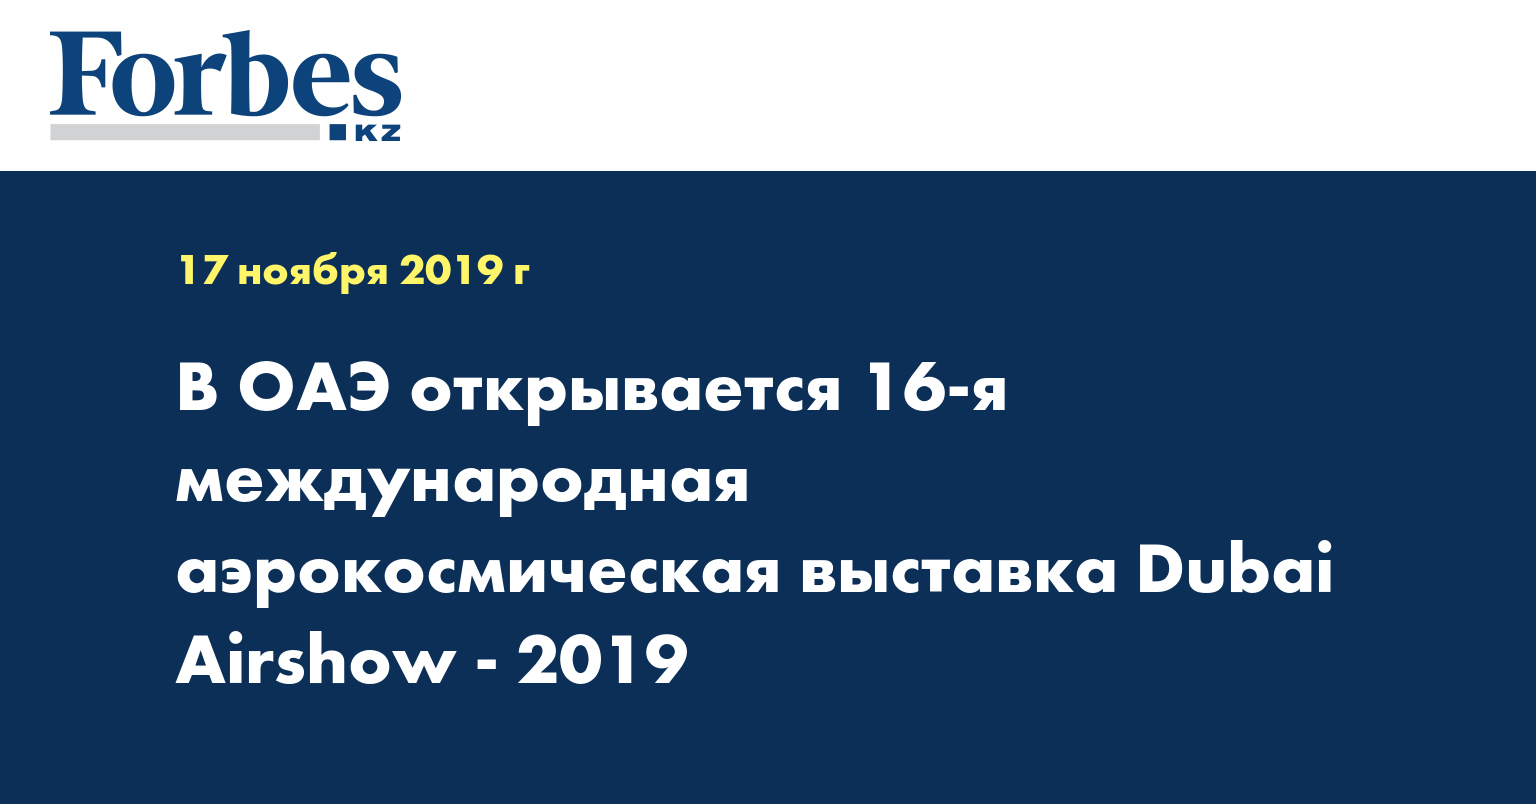 В ОАЭ открывается 16-я международная аэрокосмическая выставка Dubai Airshow - 2019